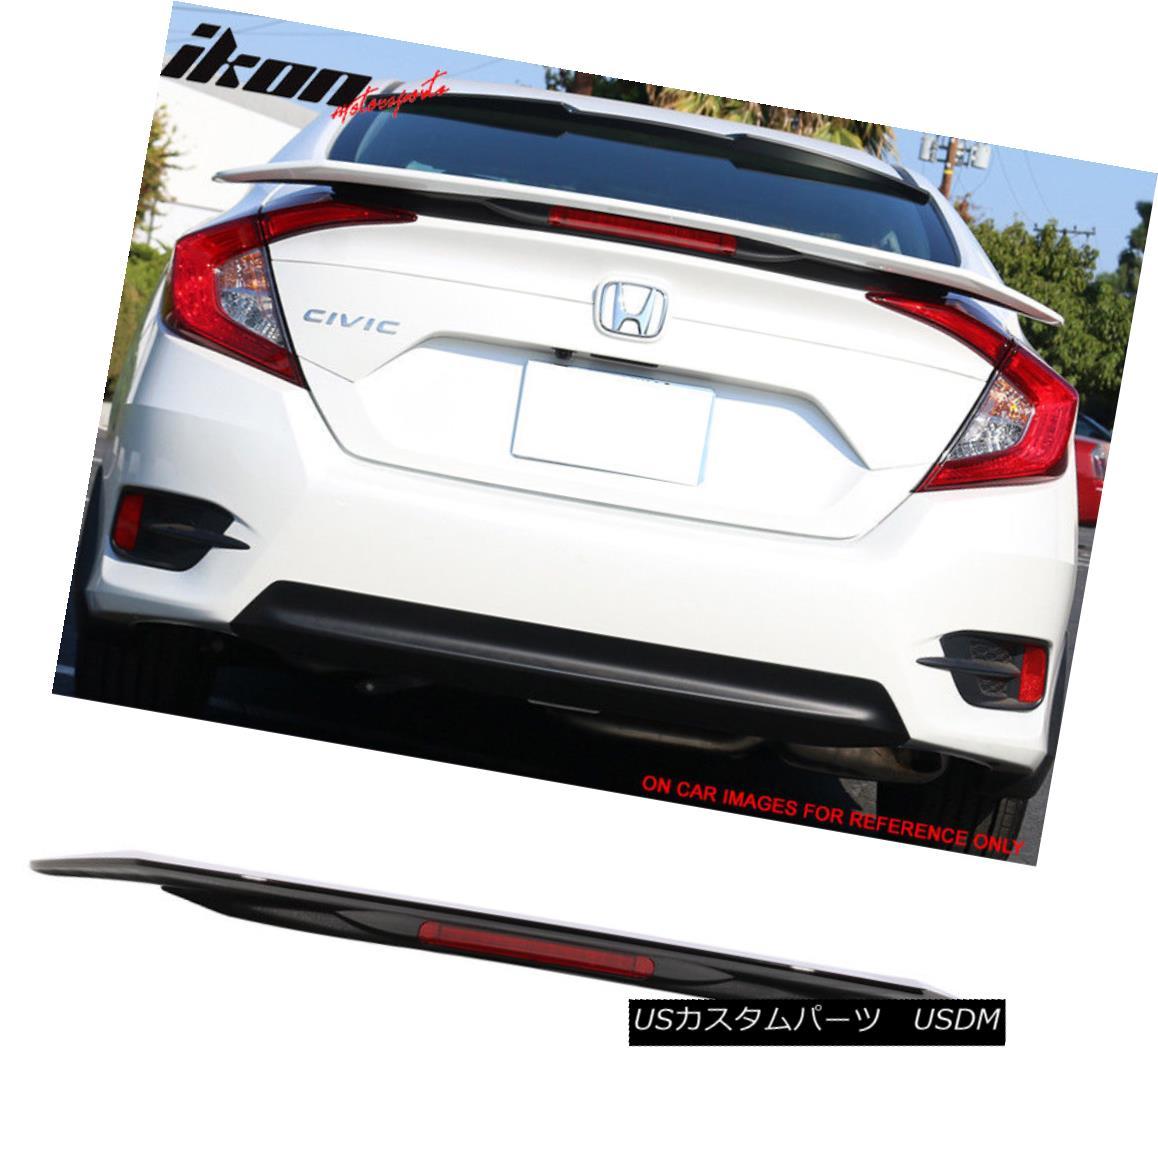 エアロパーツ 16-18 Civic X Sedan RS Trunk Spoiler & LED Painted #R560P Burgundy Night Pearl 16-18シビックXセダンRSトランク・スポイラー& LED塗装#R560Pバーガンディーナイトパール